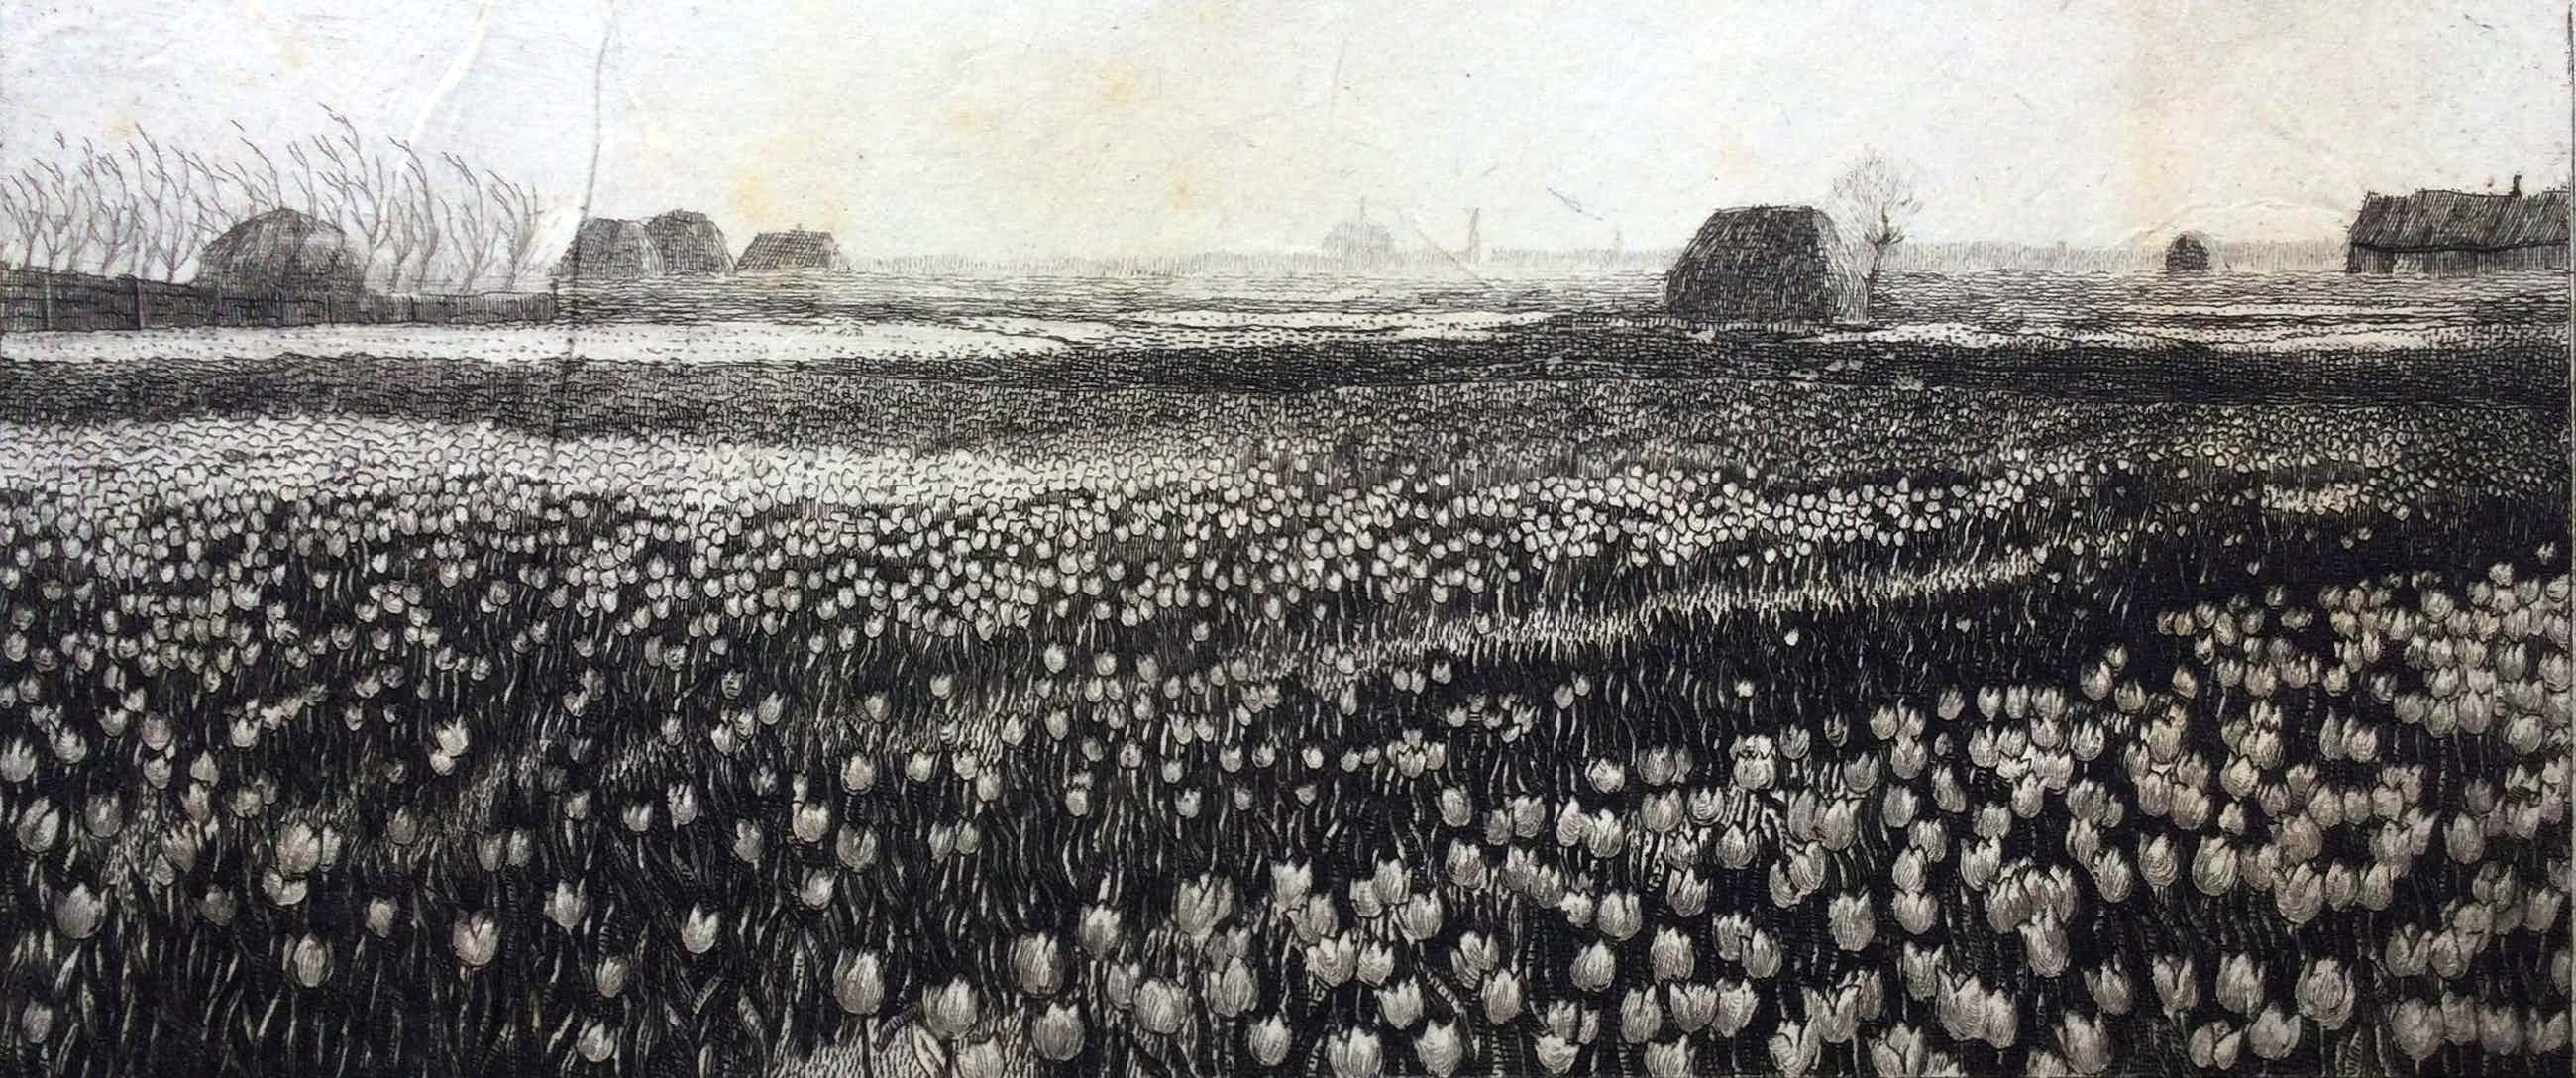 Johannes Graadt van Roggen - C5033-22, Tulpenheide Haarlem kopen? Bied vanaf 150!